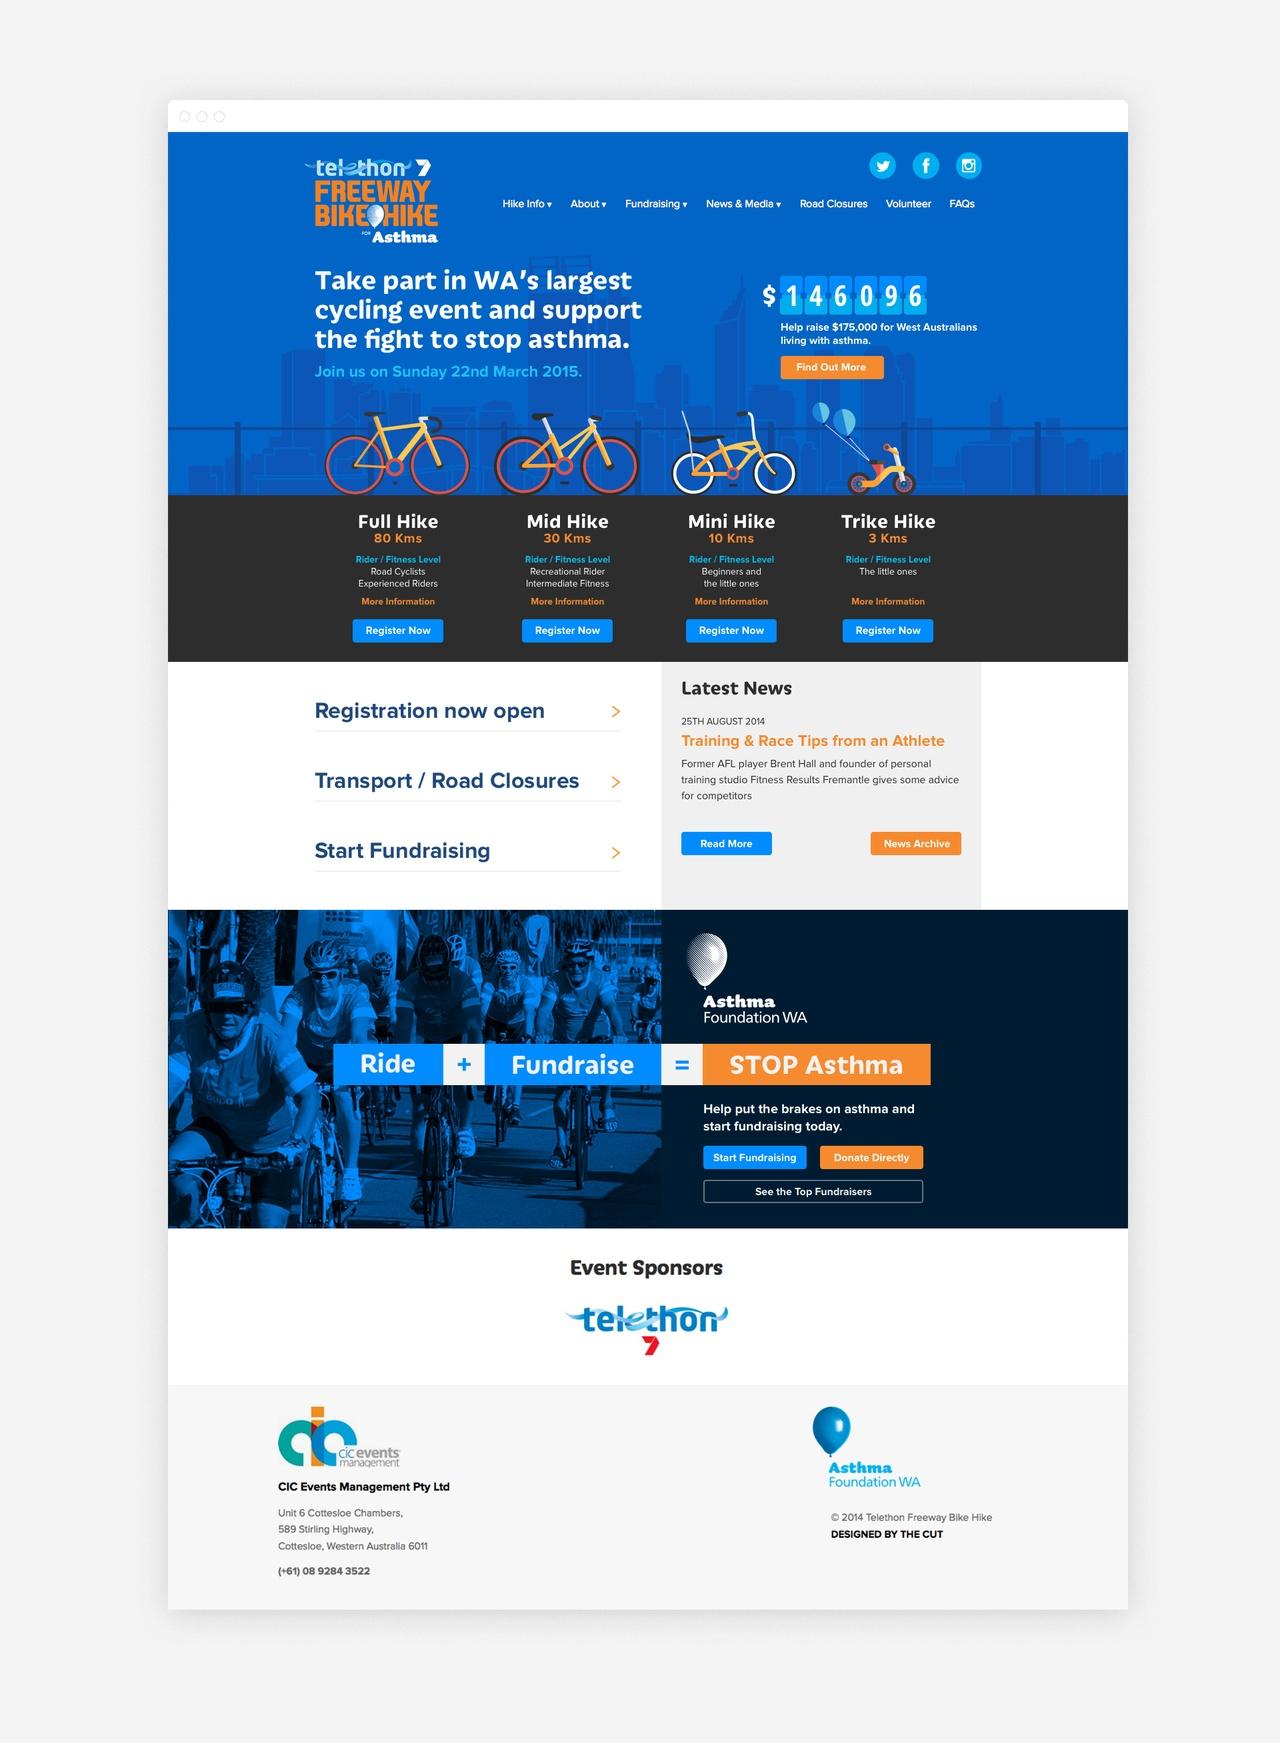 Freeway Bike Hike Homepage Design